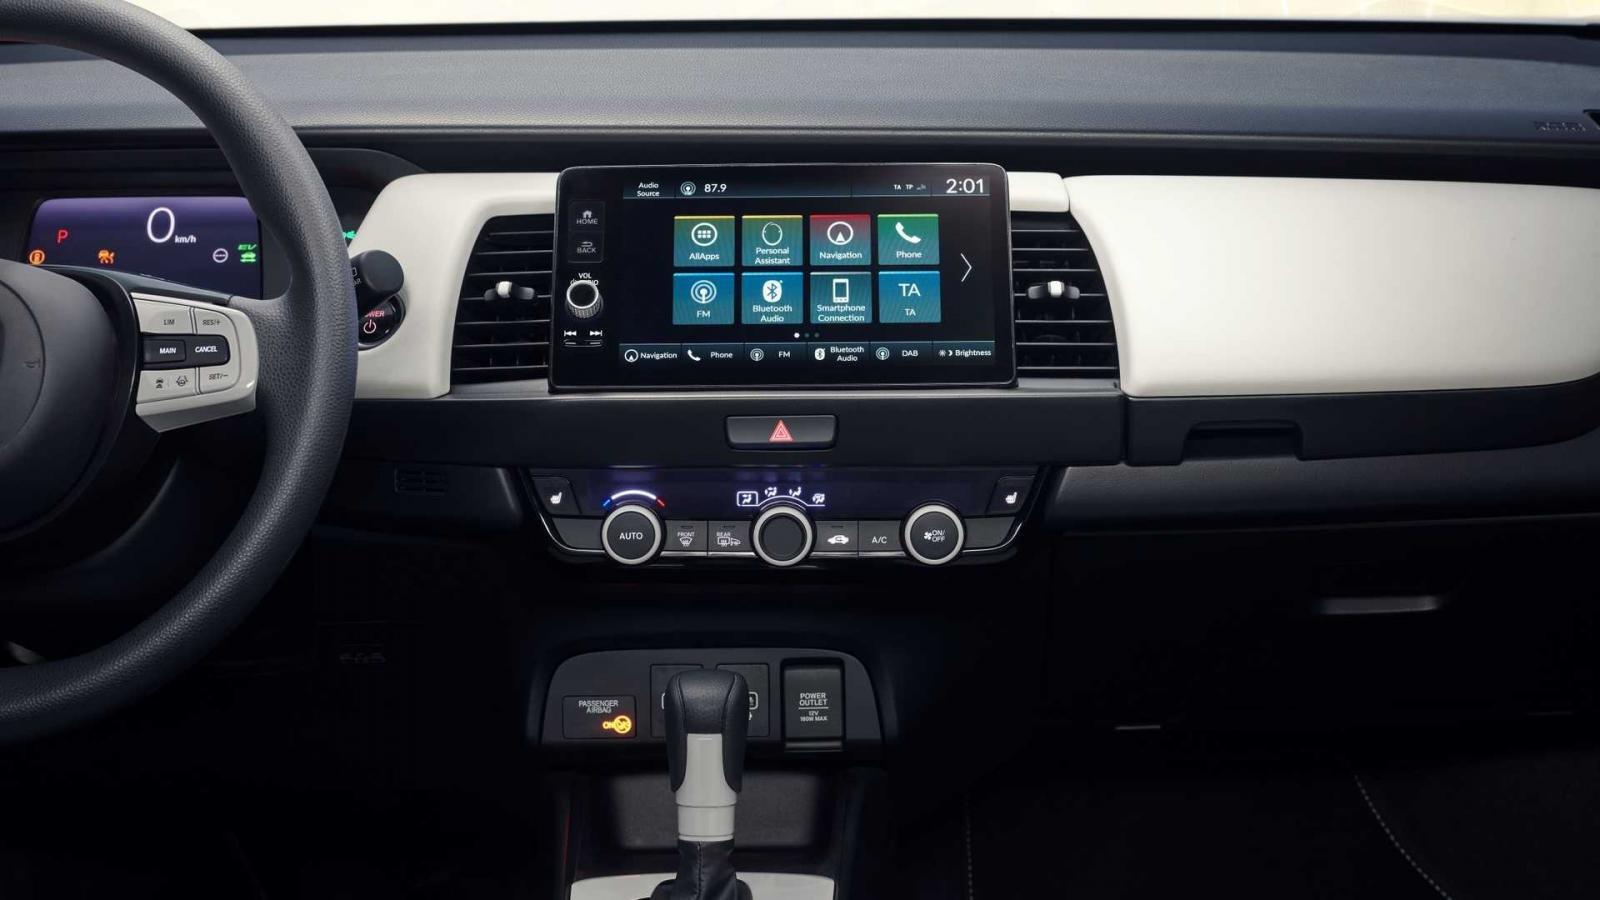 Honda Jazz 2020: bảng điều khiển